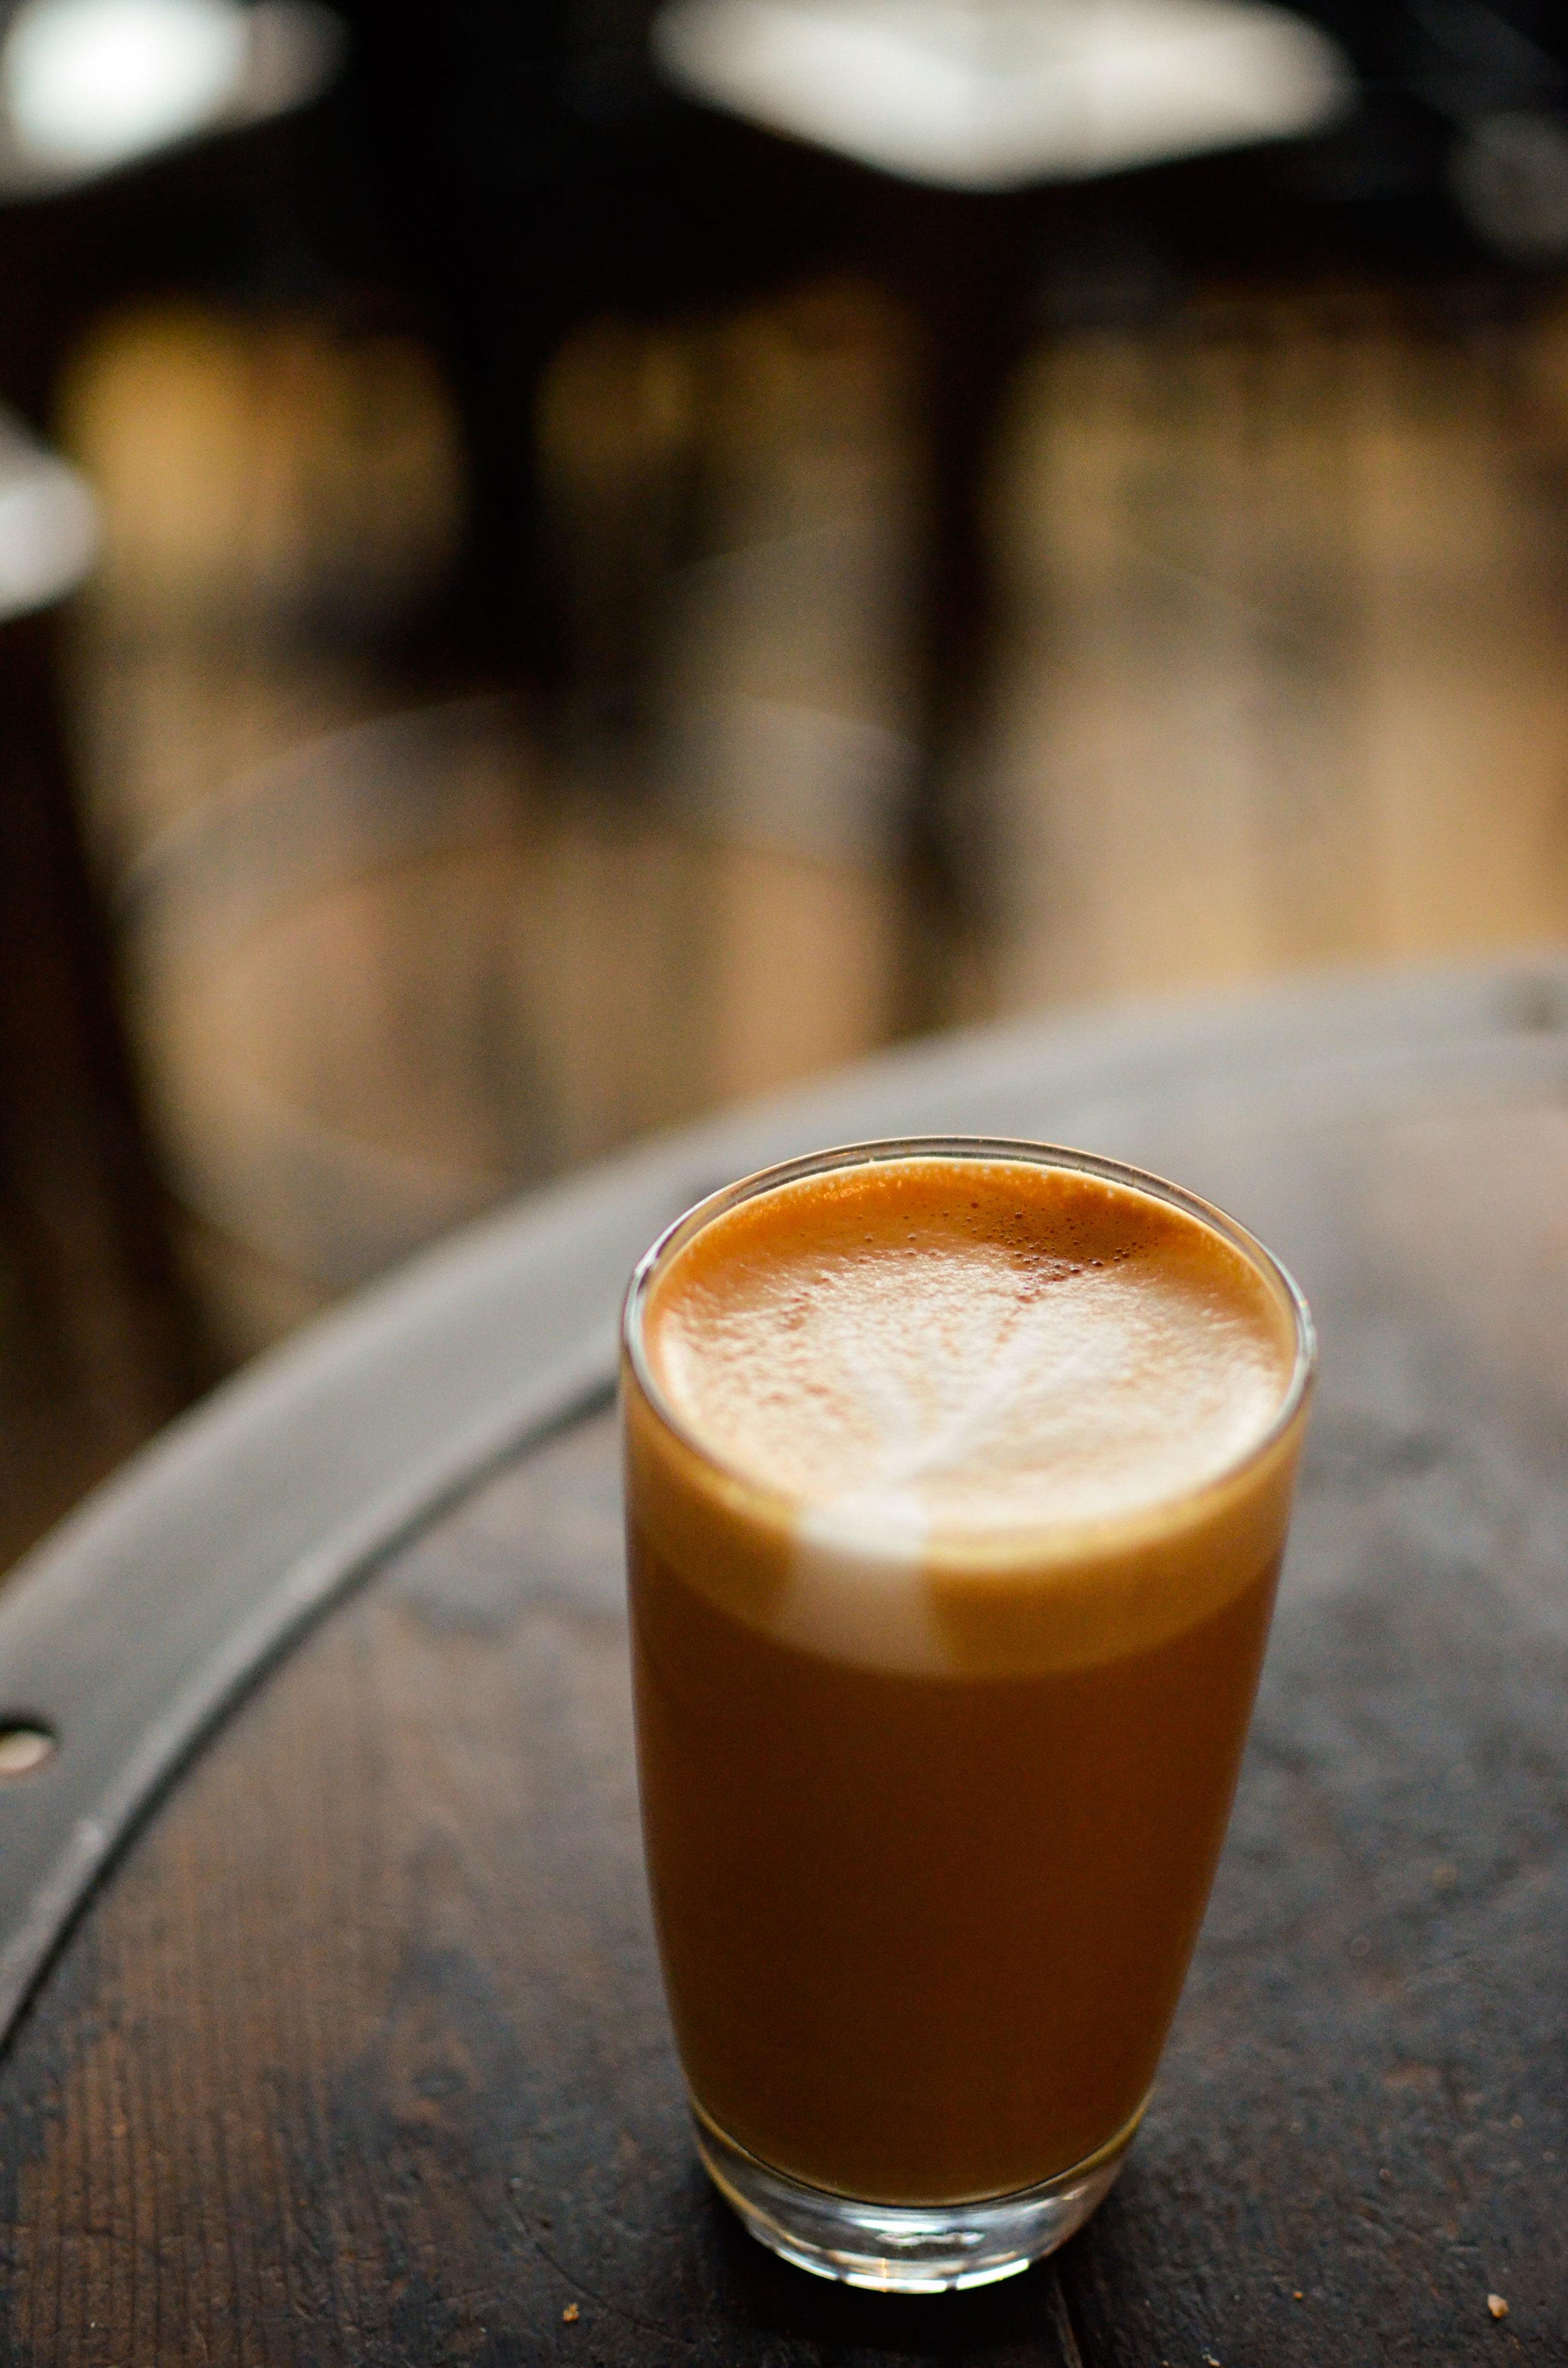 Wendling_Boyd_Coffee_Guide_Great_Lakes_Coffee_Detroit-16.jpg